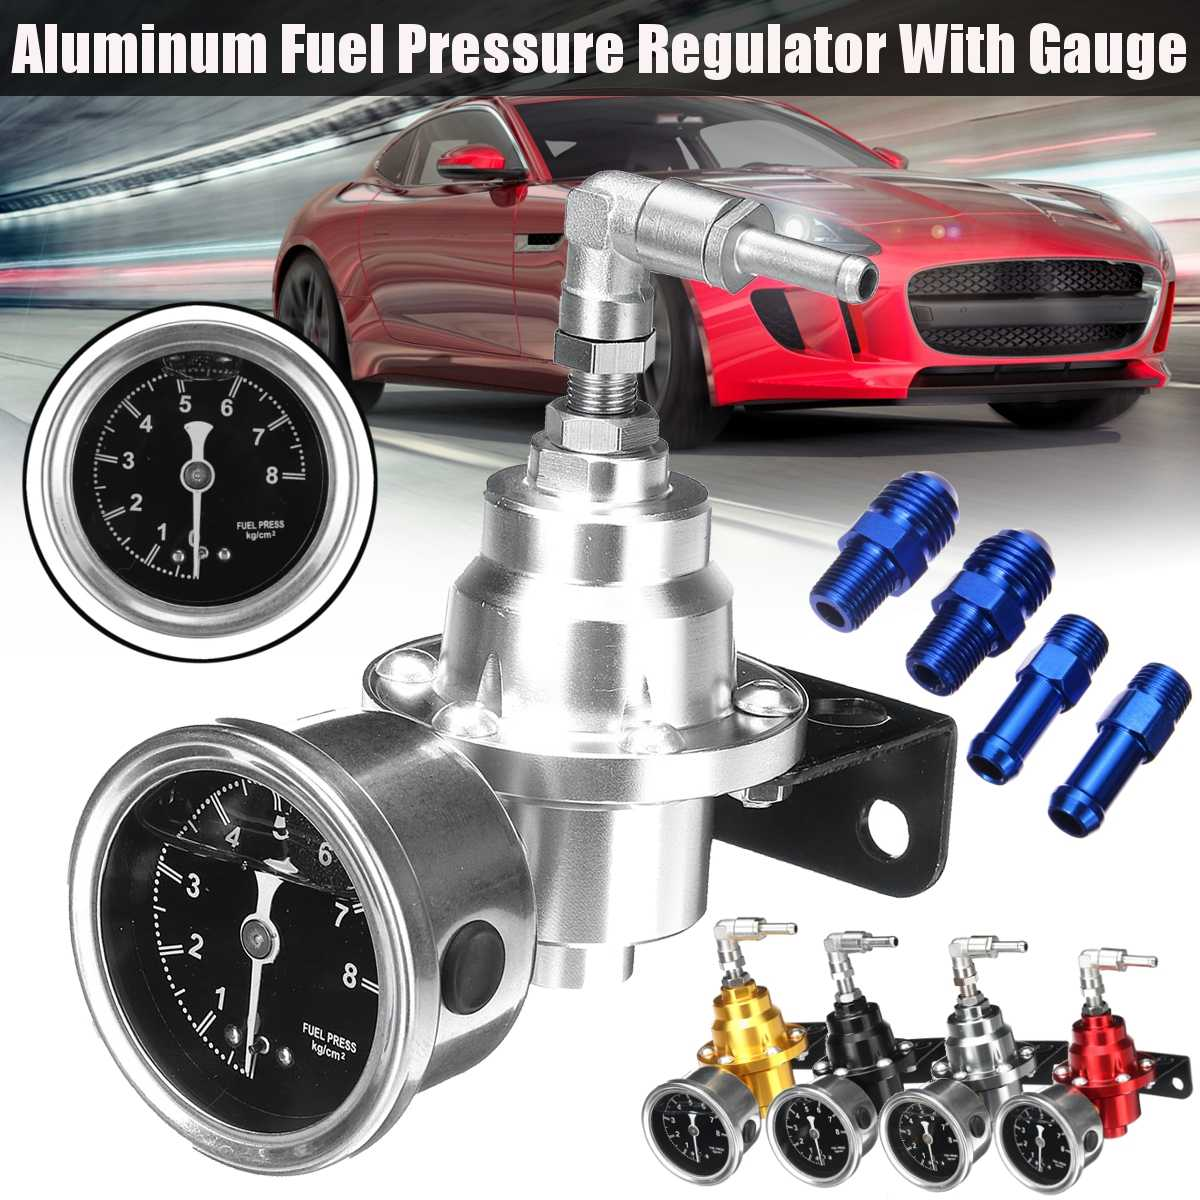 منظم ضغط الوقود العالمي قابل للتعديل الألومنيوم مع مجموعة قياس أسود التيتانيوم الأحمر الذهب والفضة الأزرق